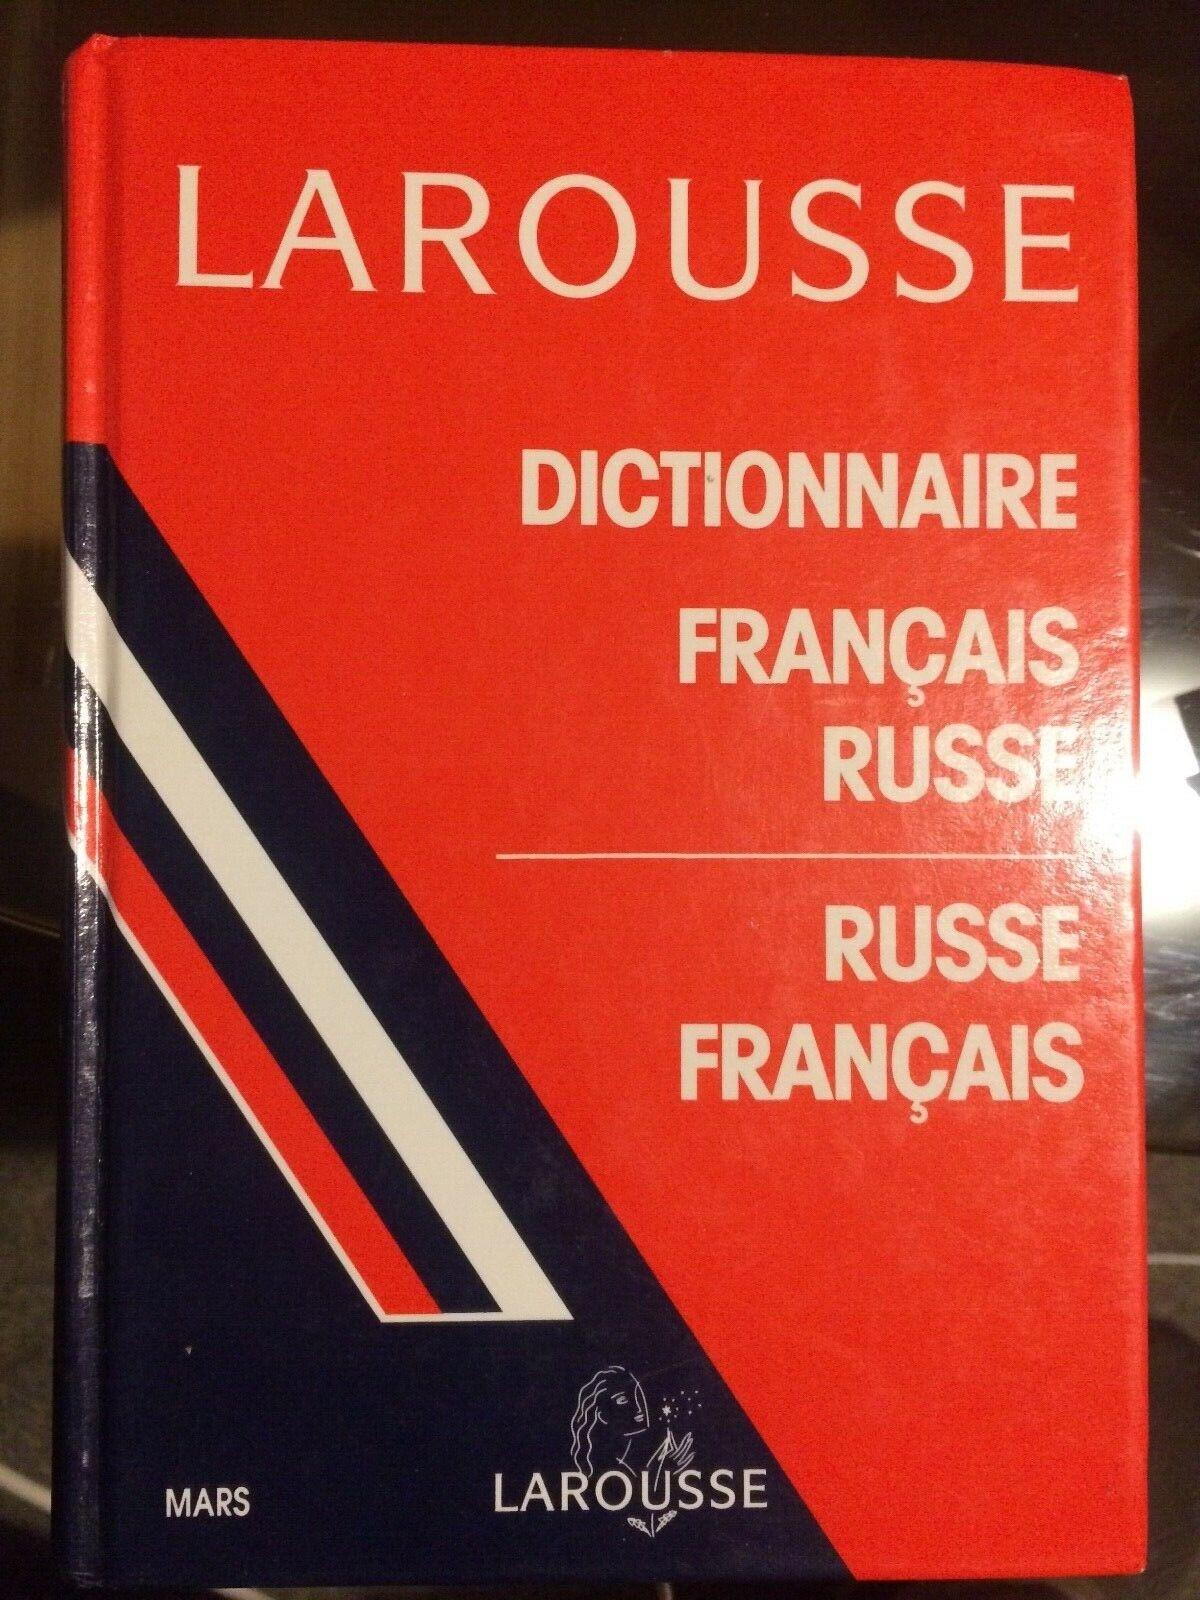 Dictionnaire larousse français-russe/ russe-français.